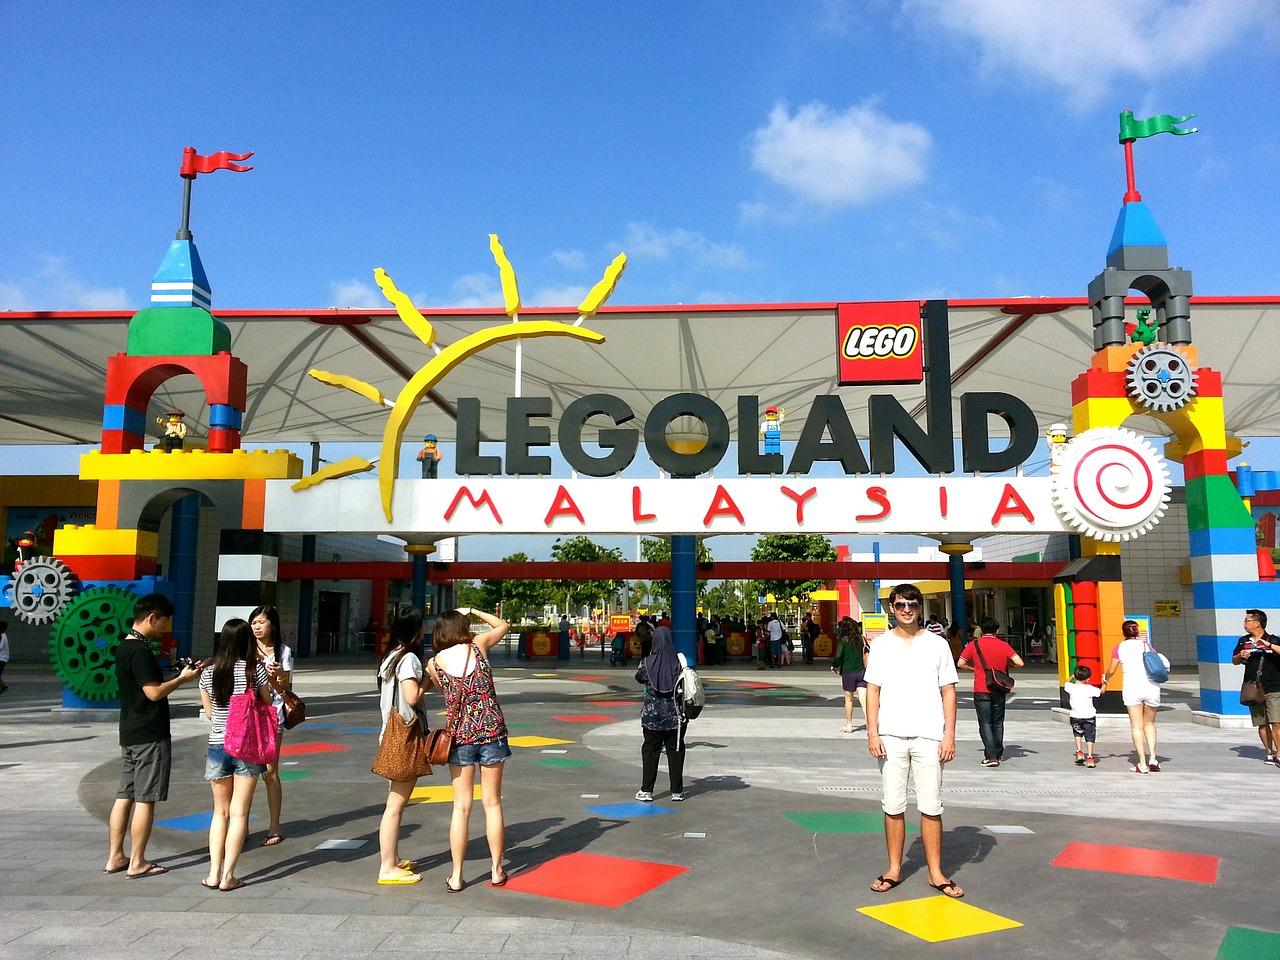 Bagaimana Cara ke Legoland dari Singapura?